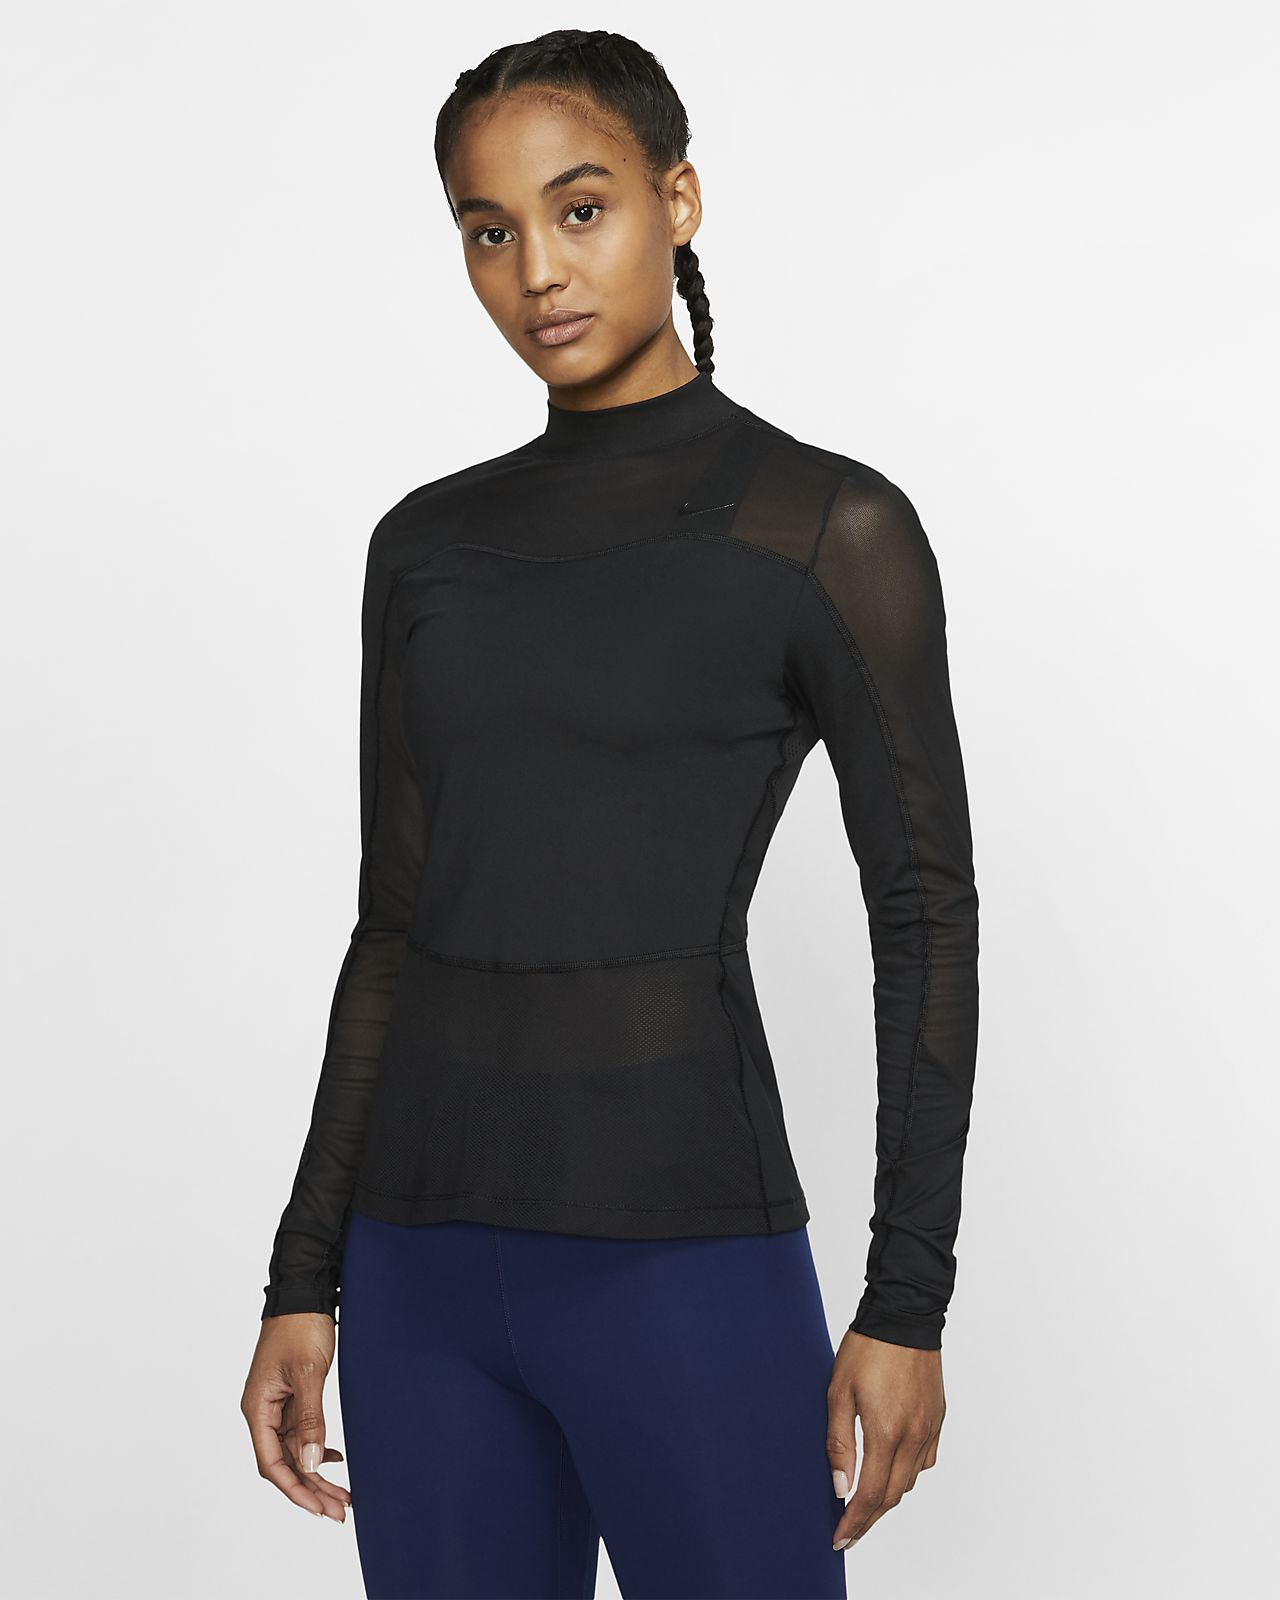 Женская футболка с длинным рукавом Nike Pro HyperCool